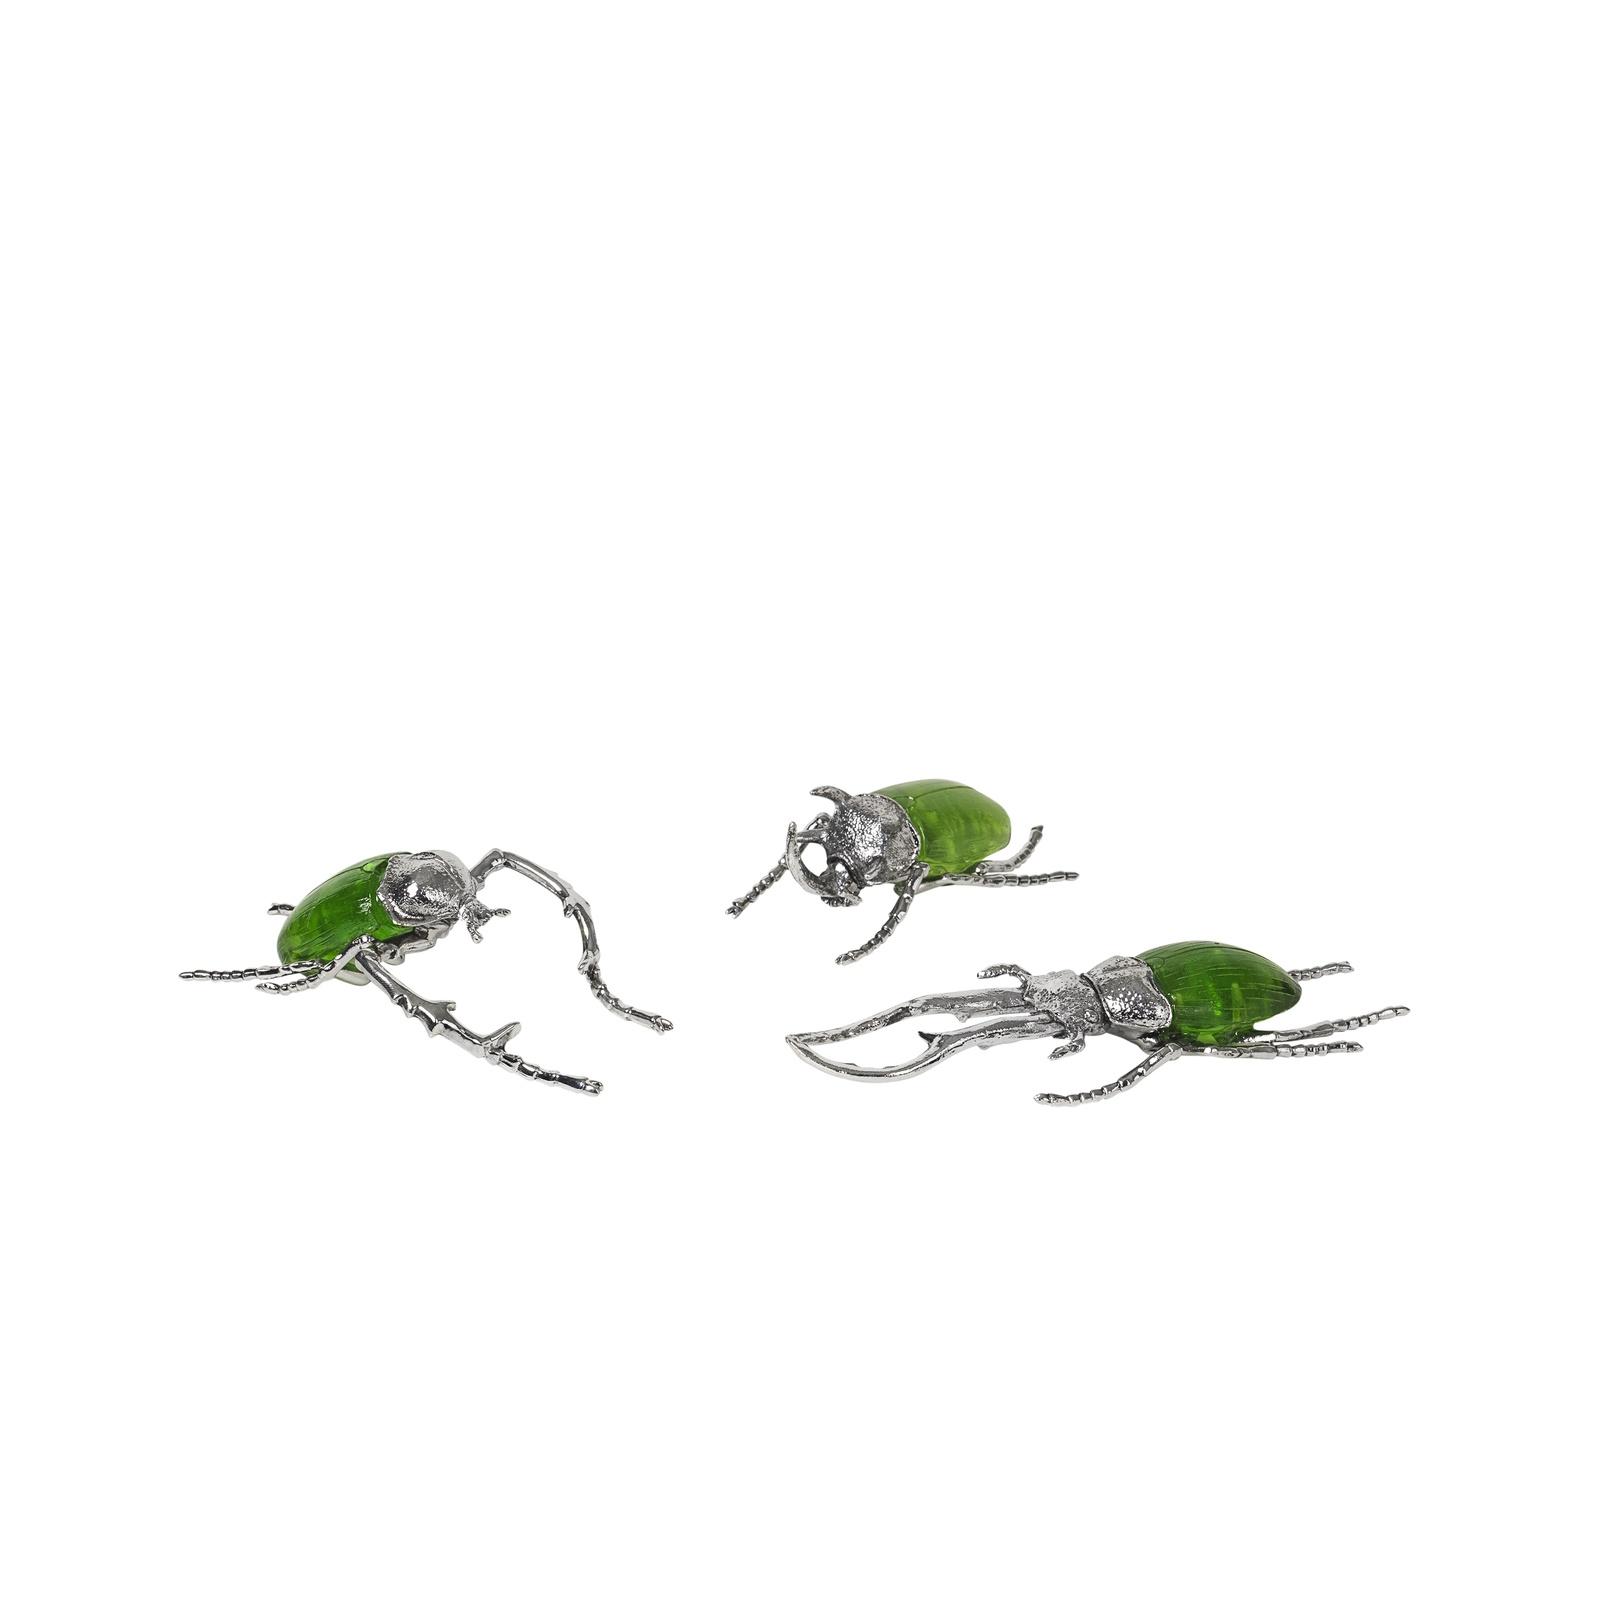 Набор декоративных элементов Broste INSECTS, 14461169, зеленый, серебряный, 3 шт coolsir серебряный зеленый